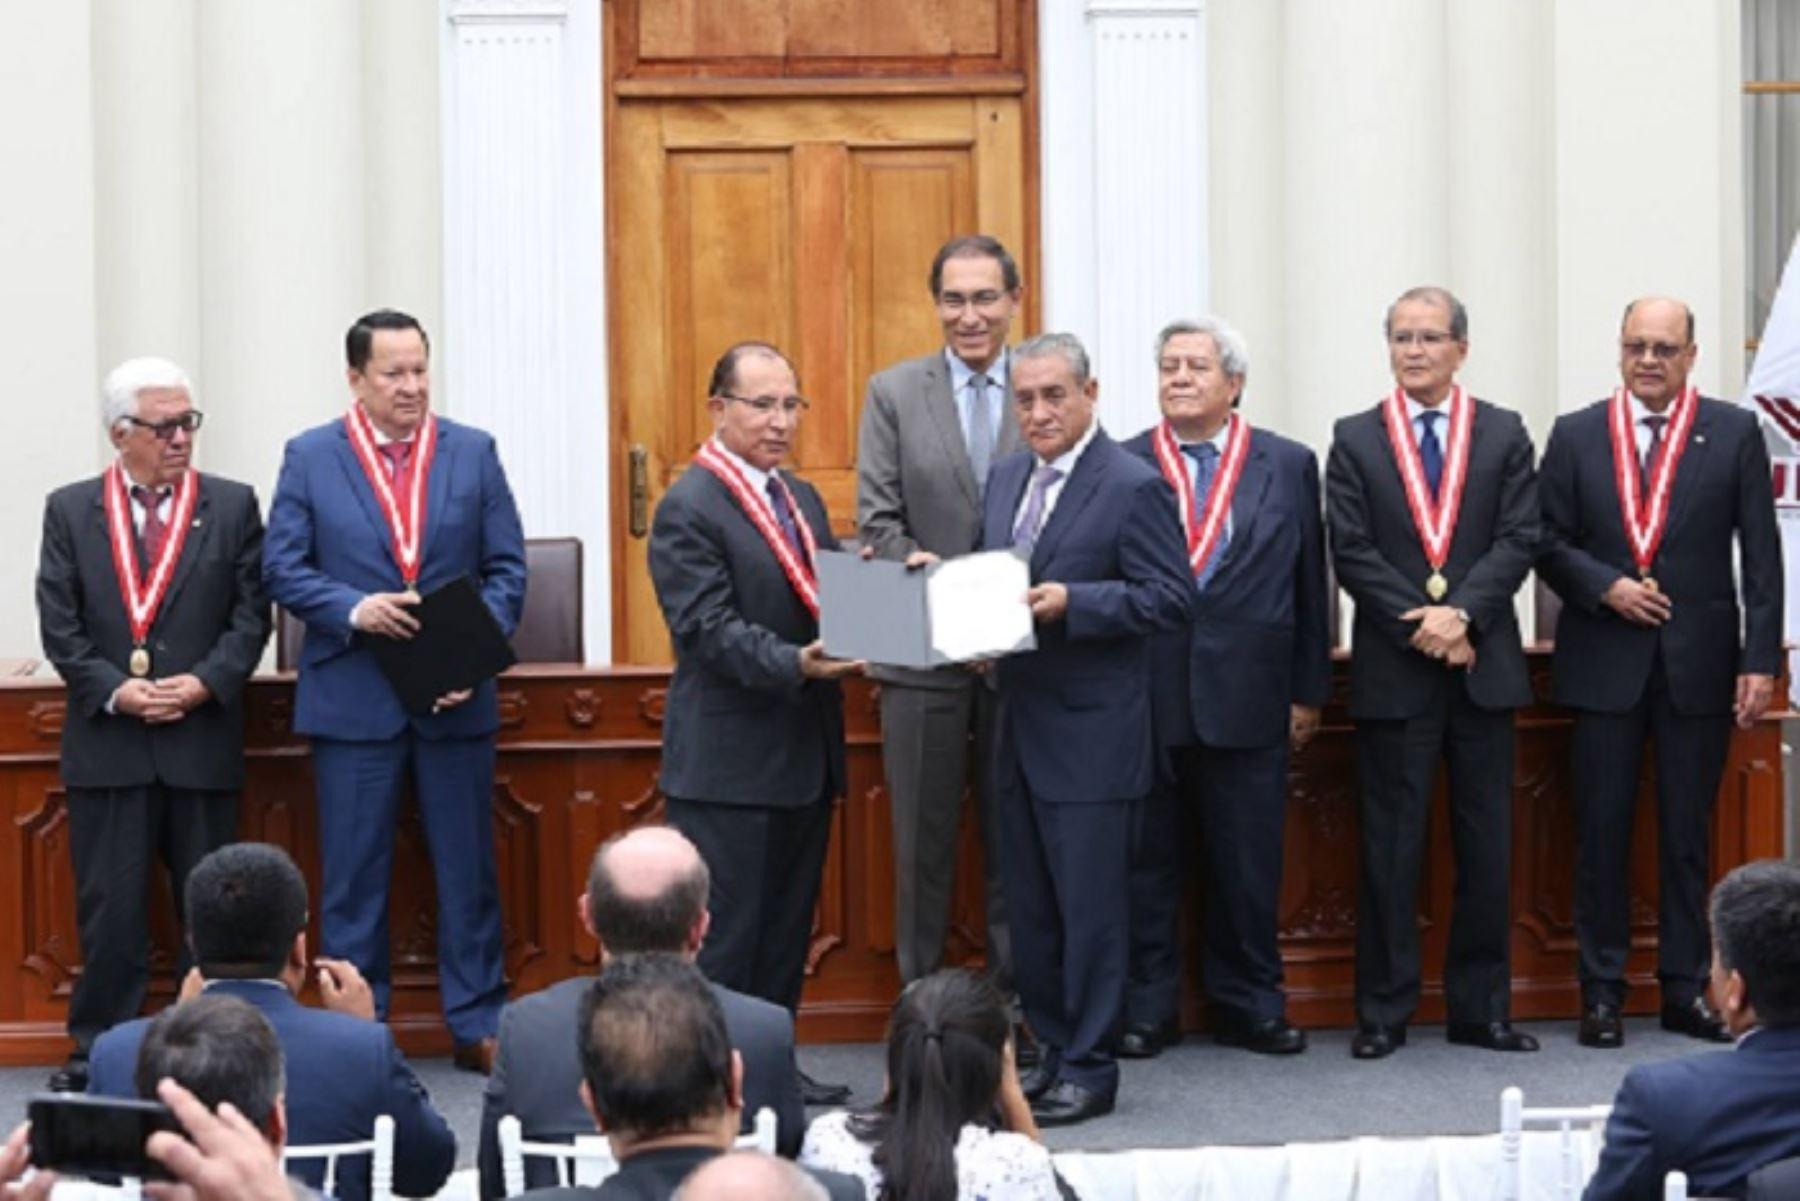 Nuevo gobernado regional de Amazonas, Oscar Altamirano Quispe